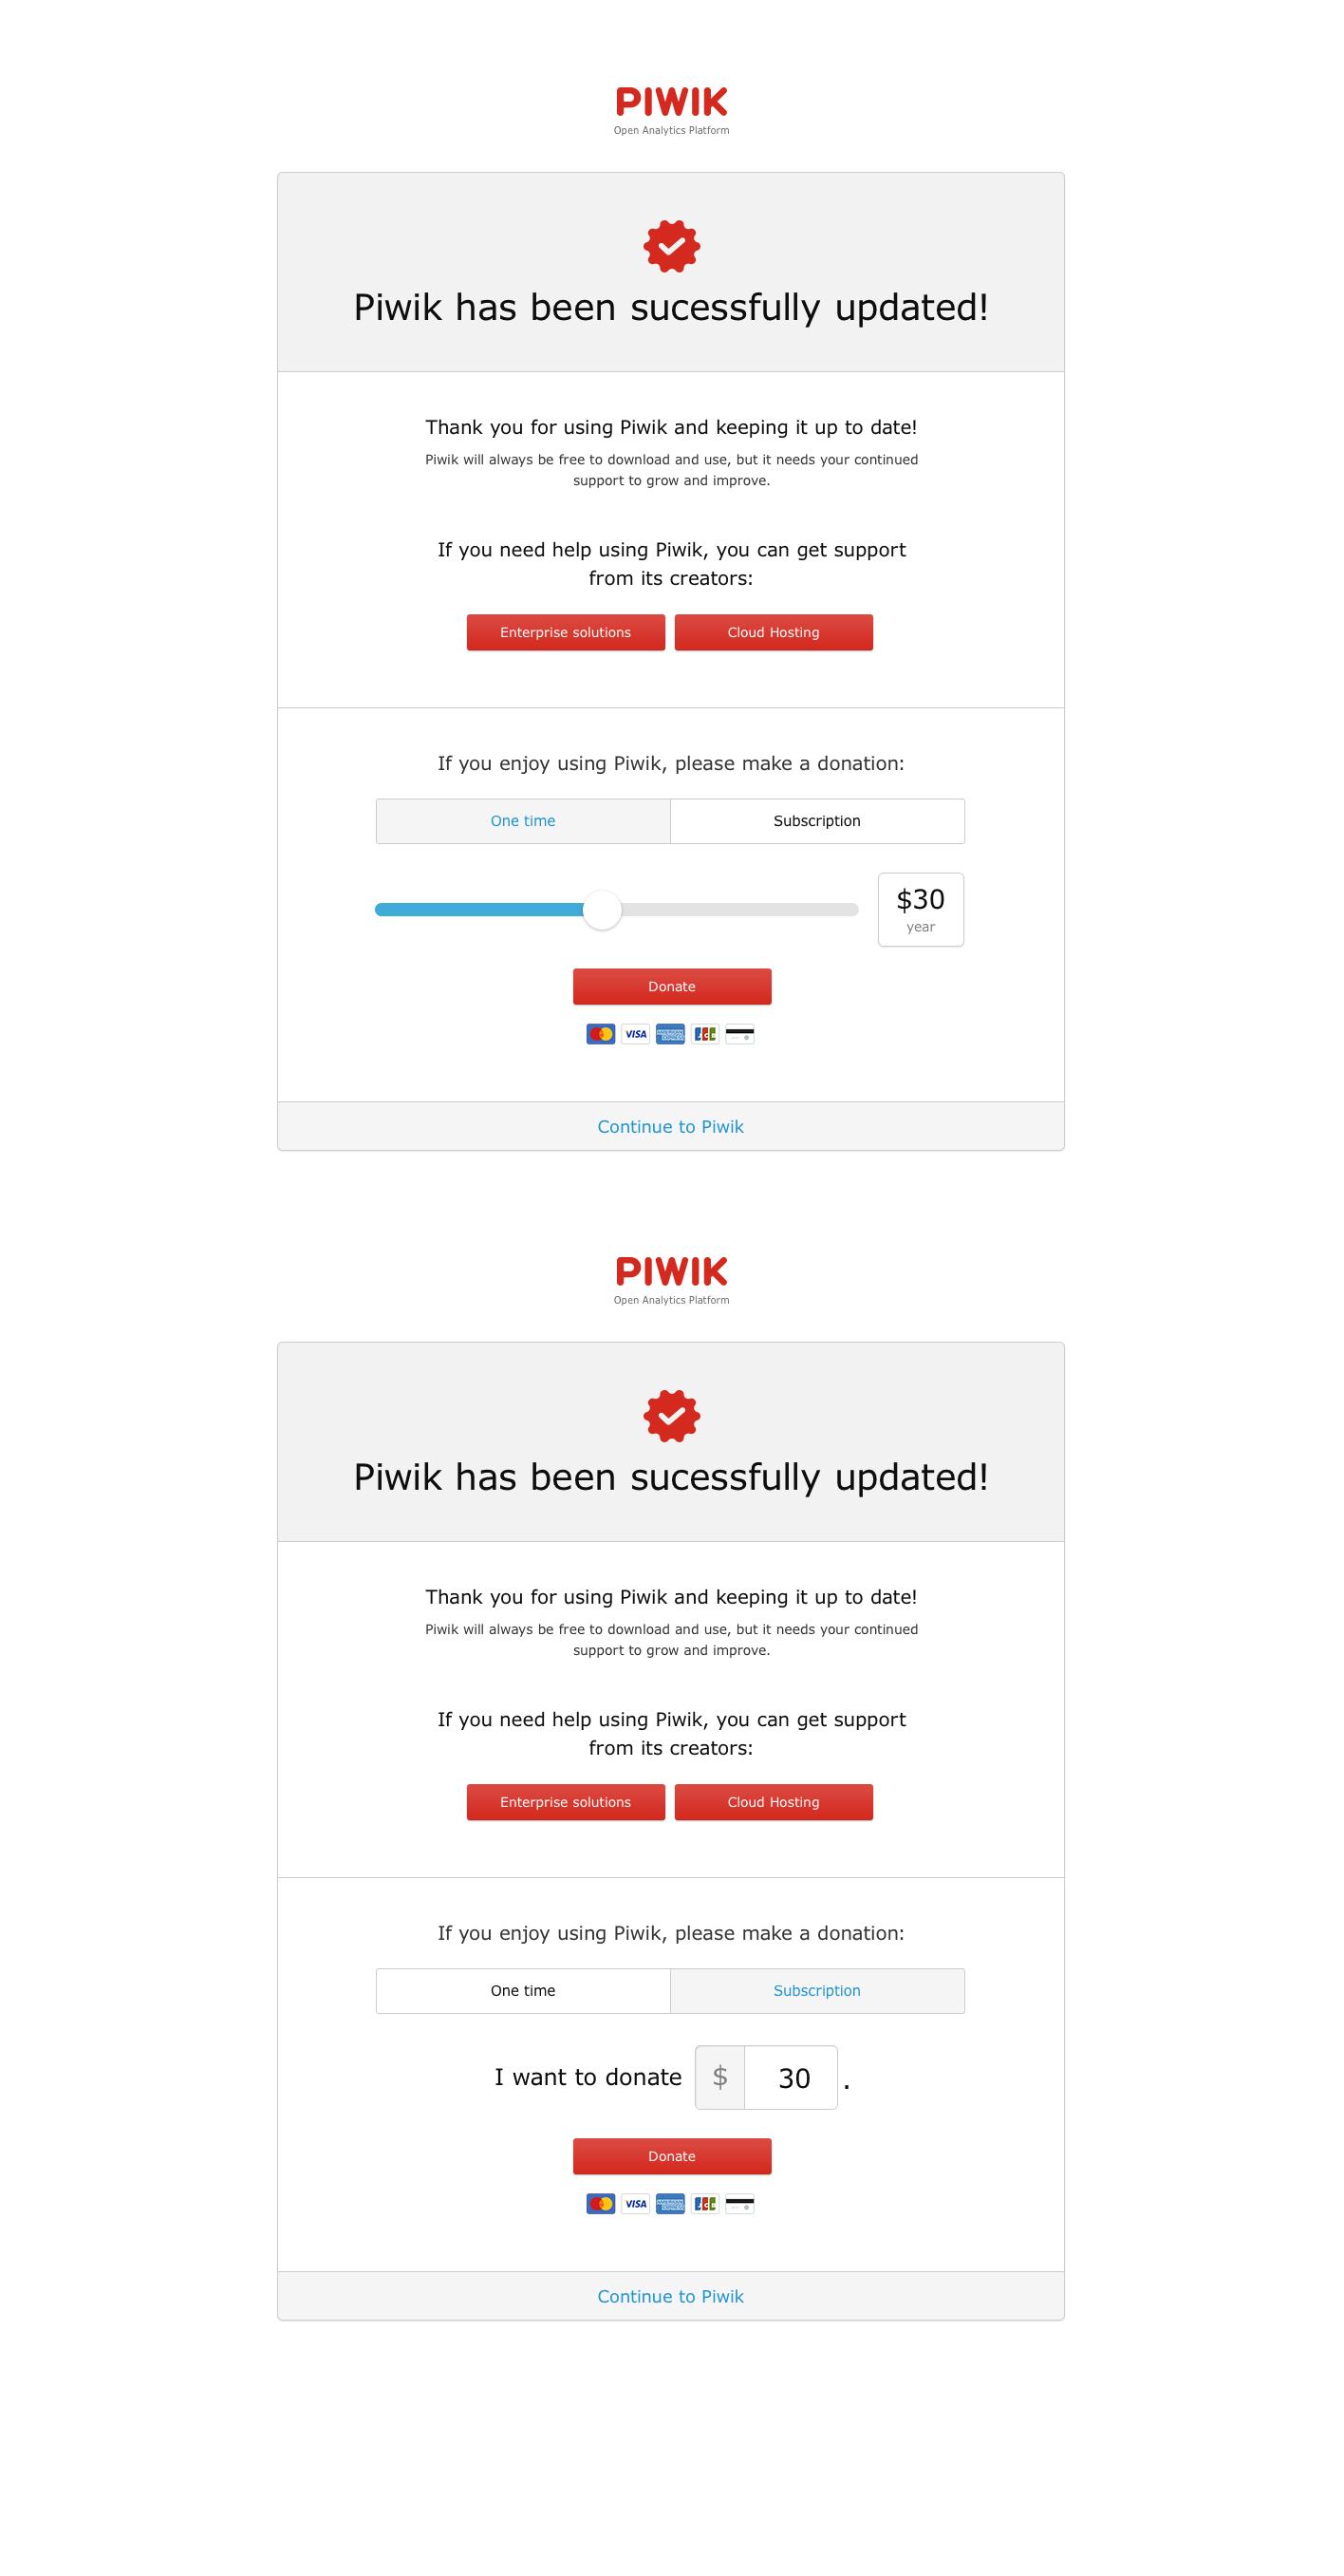 piwik-update